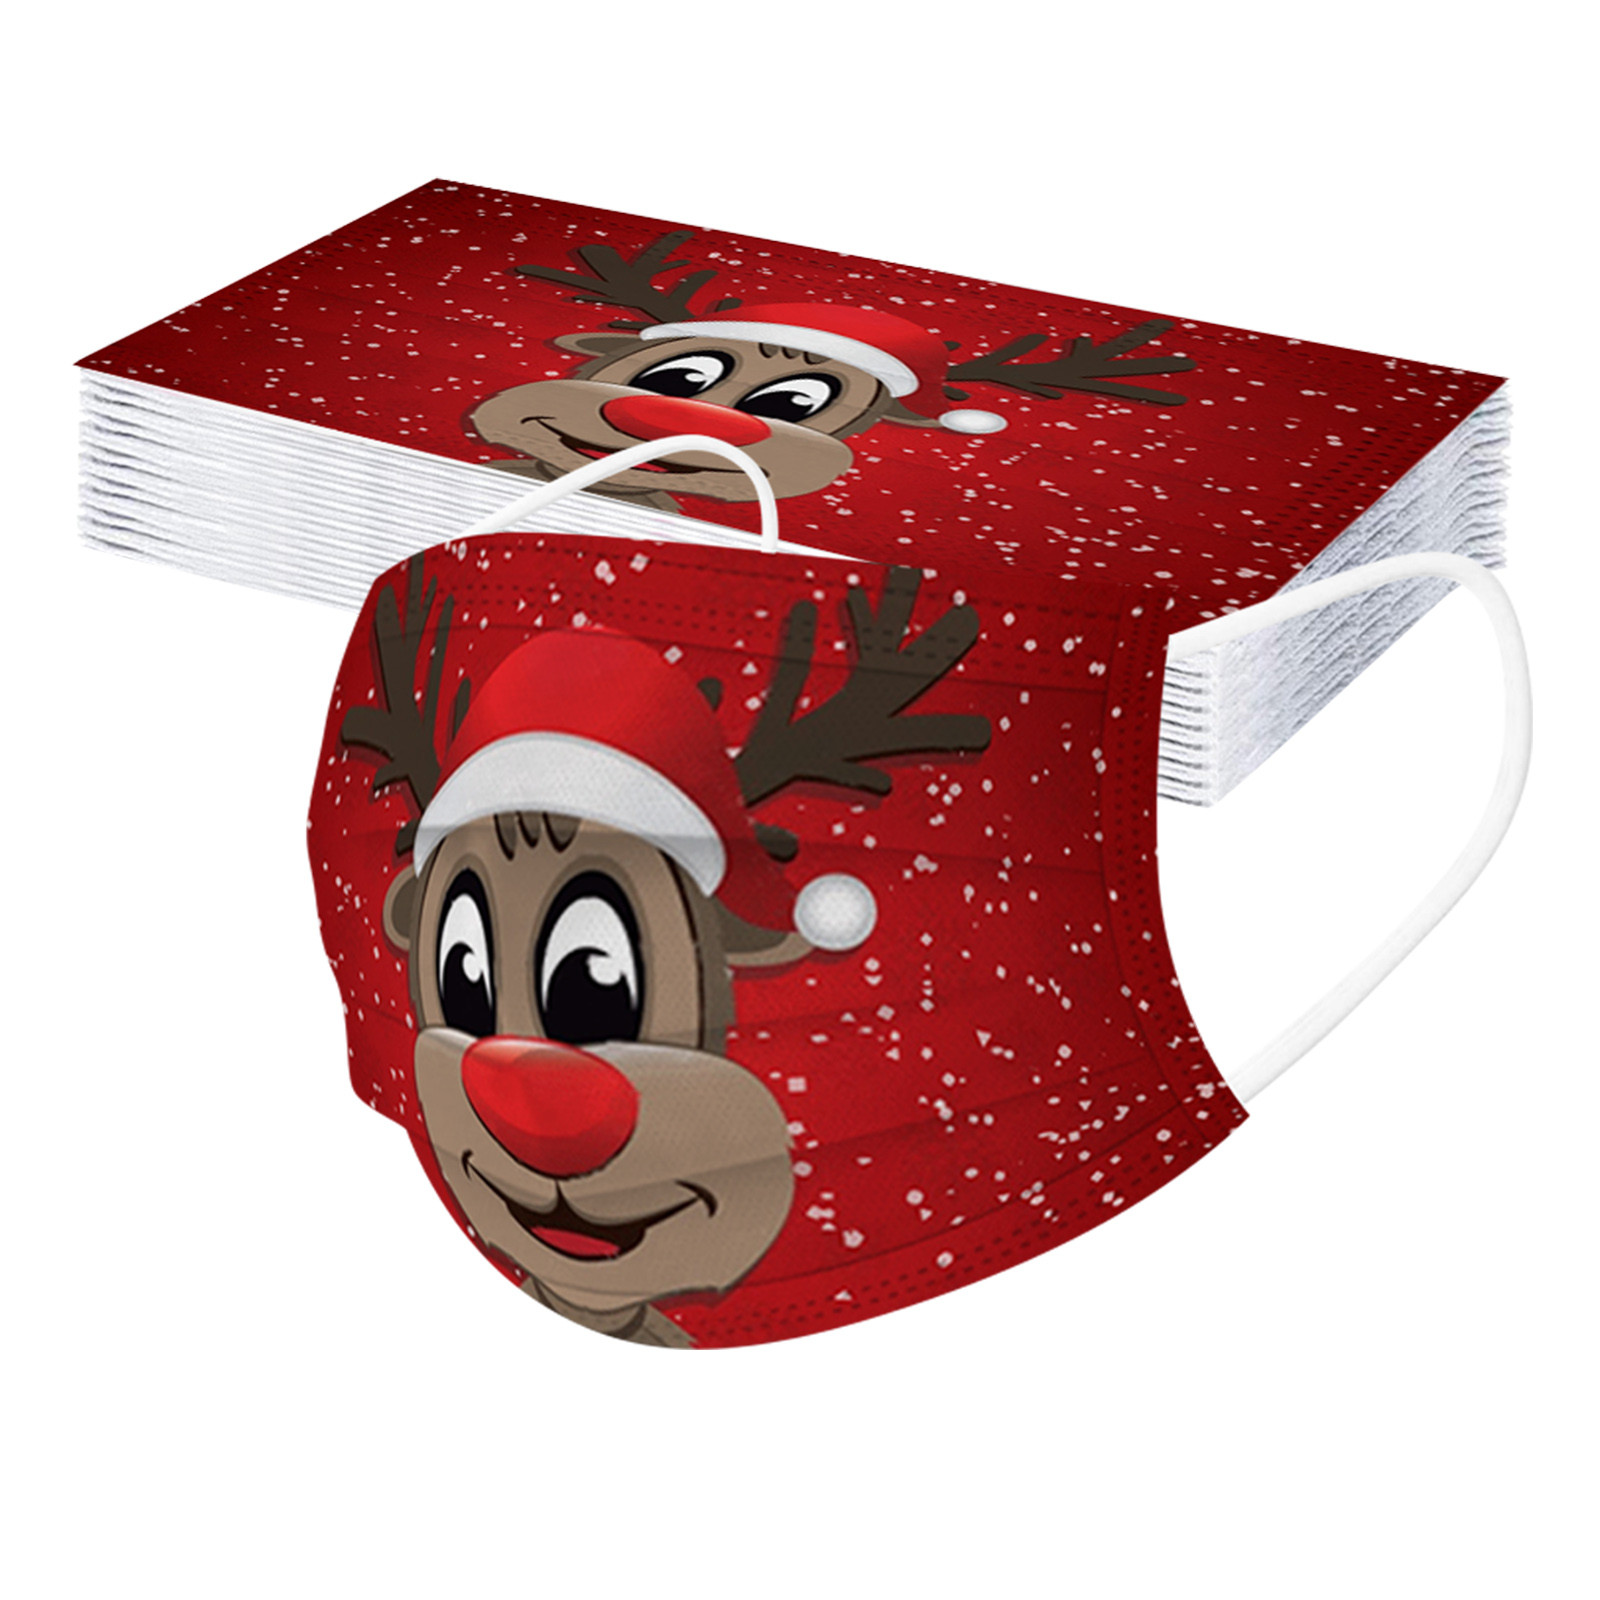 20 штук принт с рождественским лосем маски для защиты лица маска одноразовая сварочная маска для взрослых Mascarilla рот муфельной маска для лица